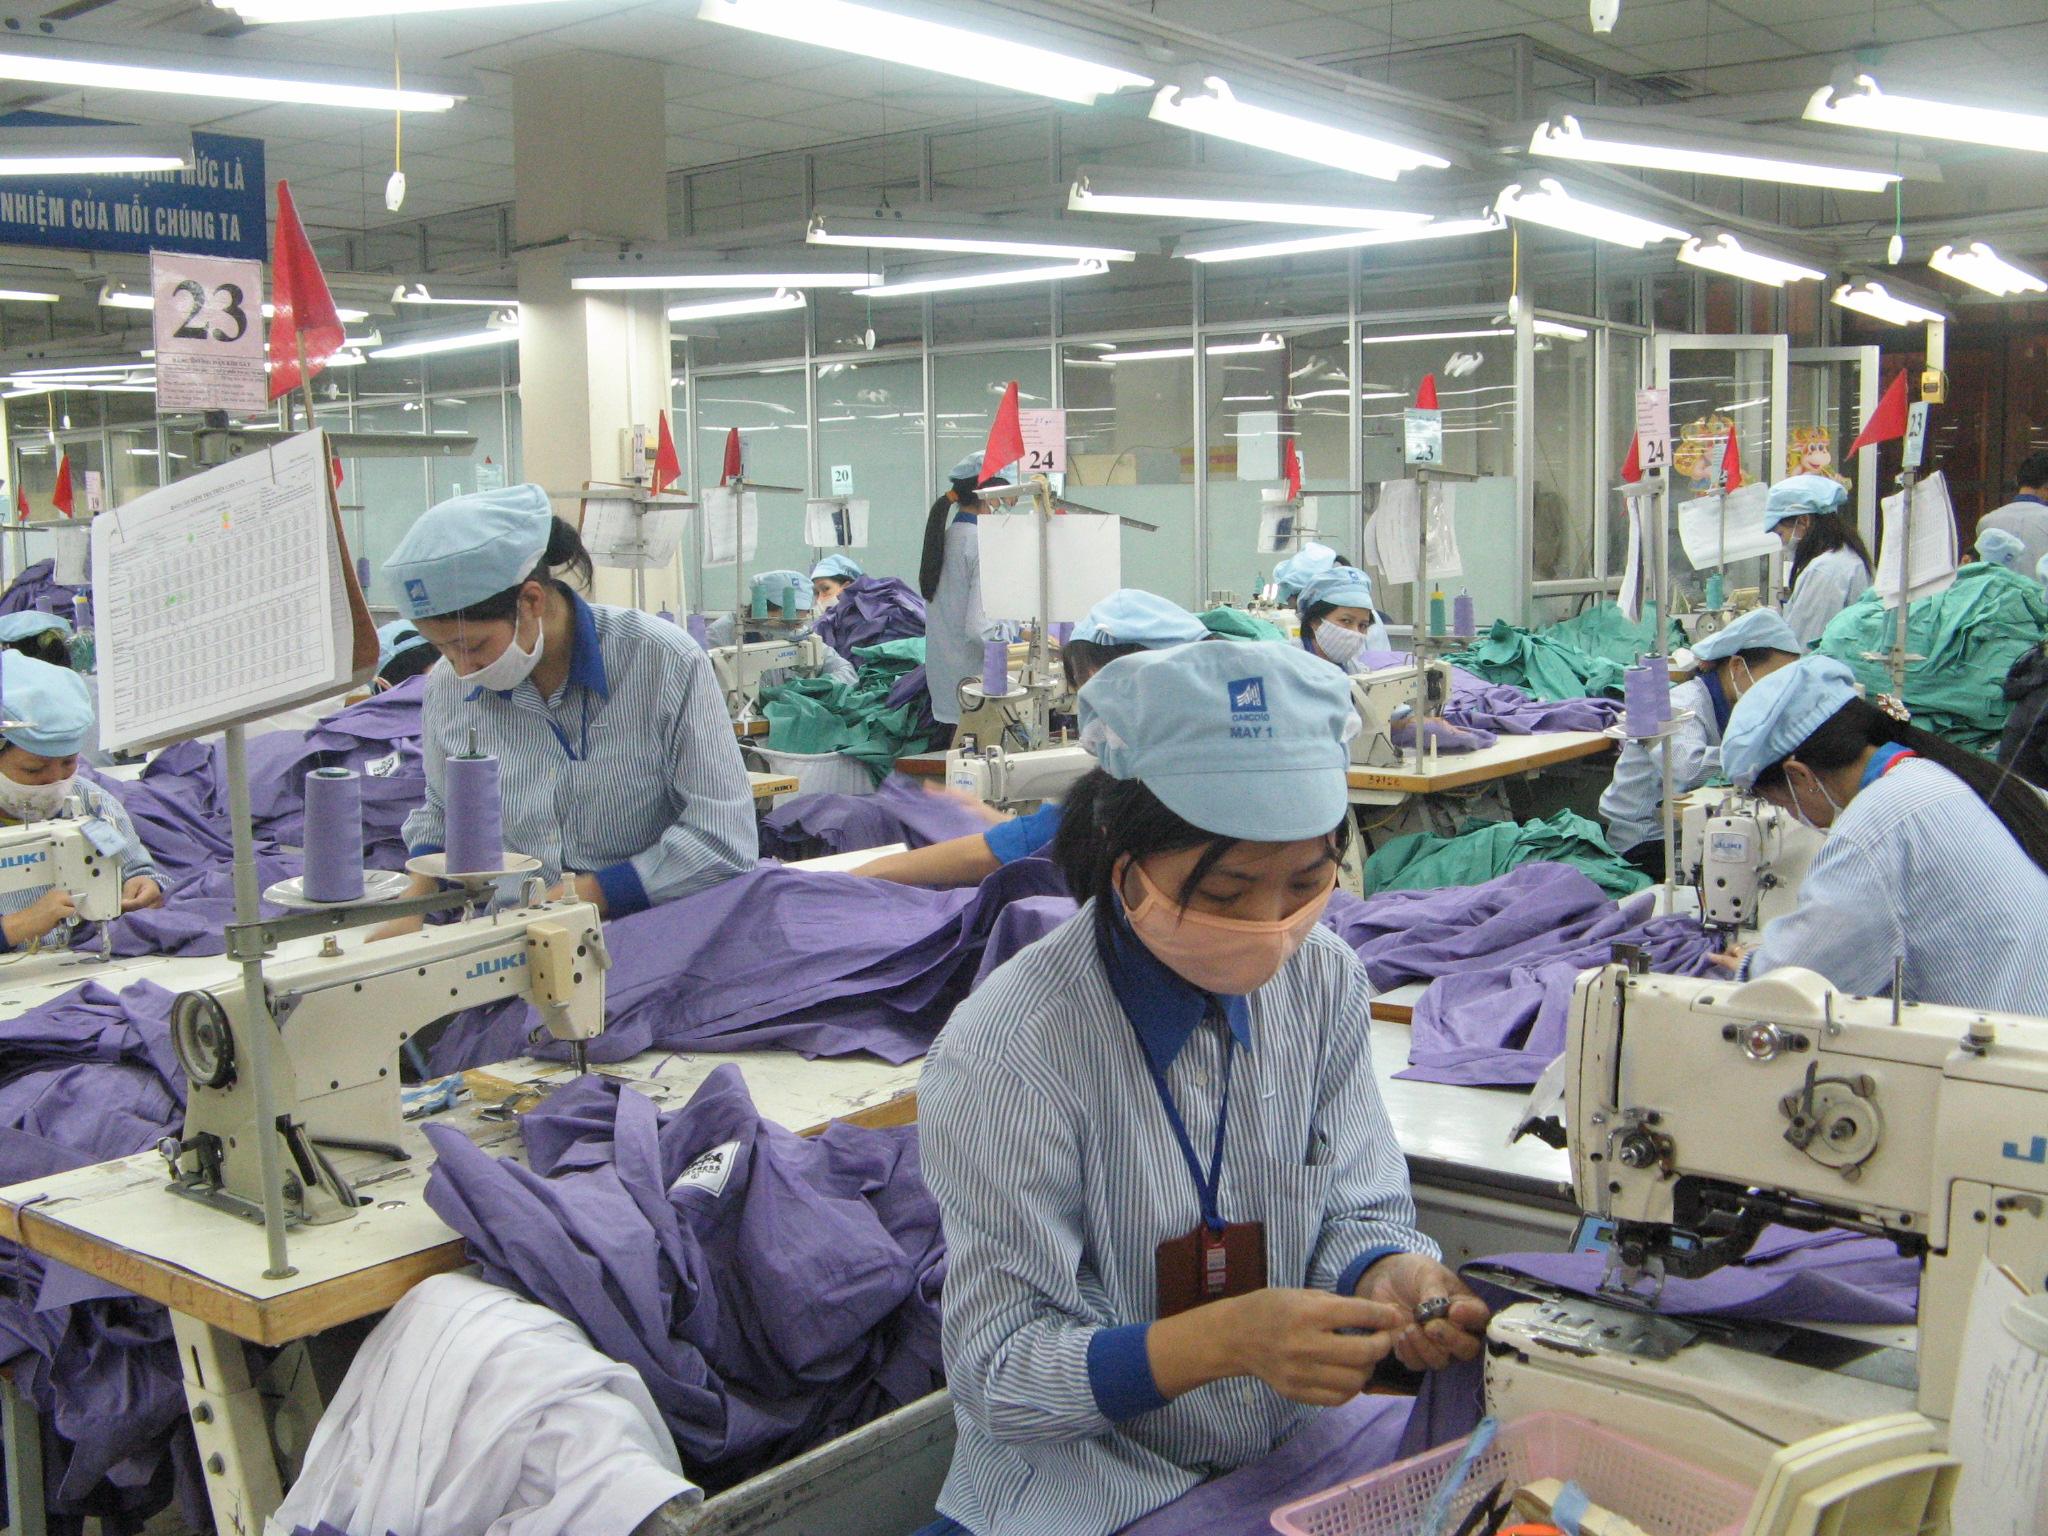 Tuyển 10 Nam/Nữ Kỹ sư may tại Aichiken lương tháng 180.000 Yên